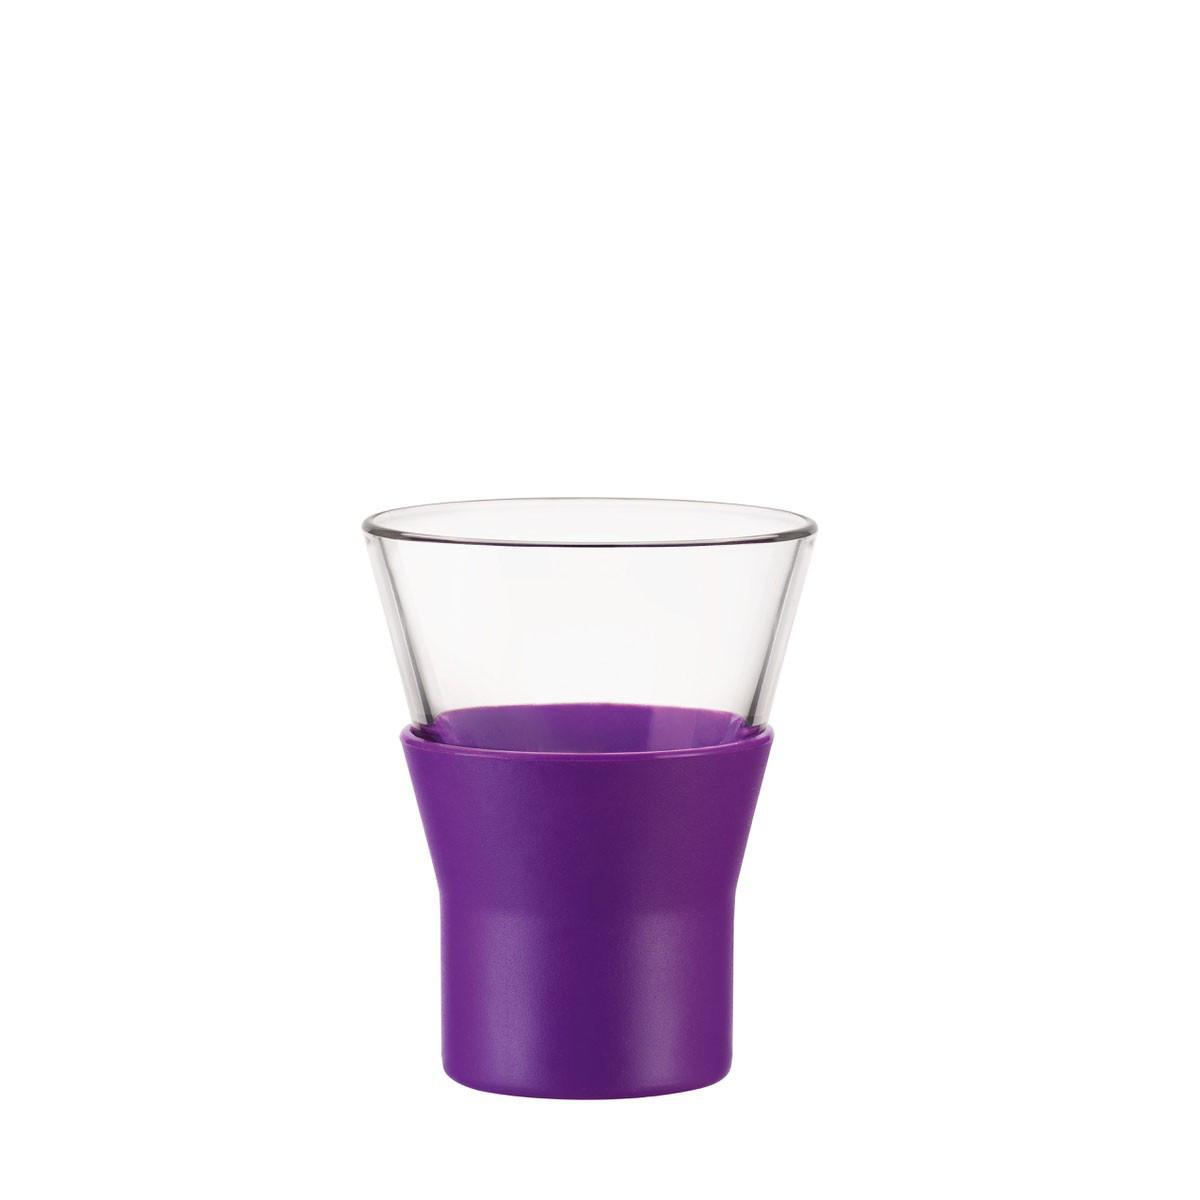 Стакан для кофе 110 мл. стеклянный с силиконовым фиолетовым чехлом espresso Ypsilon, Bormiolli Rocco